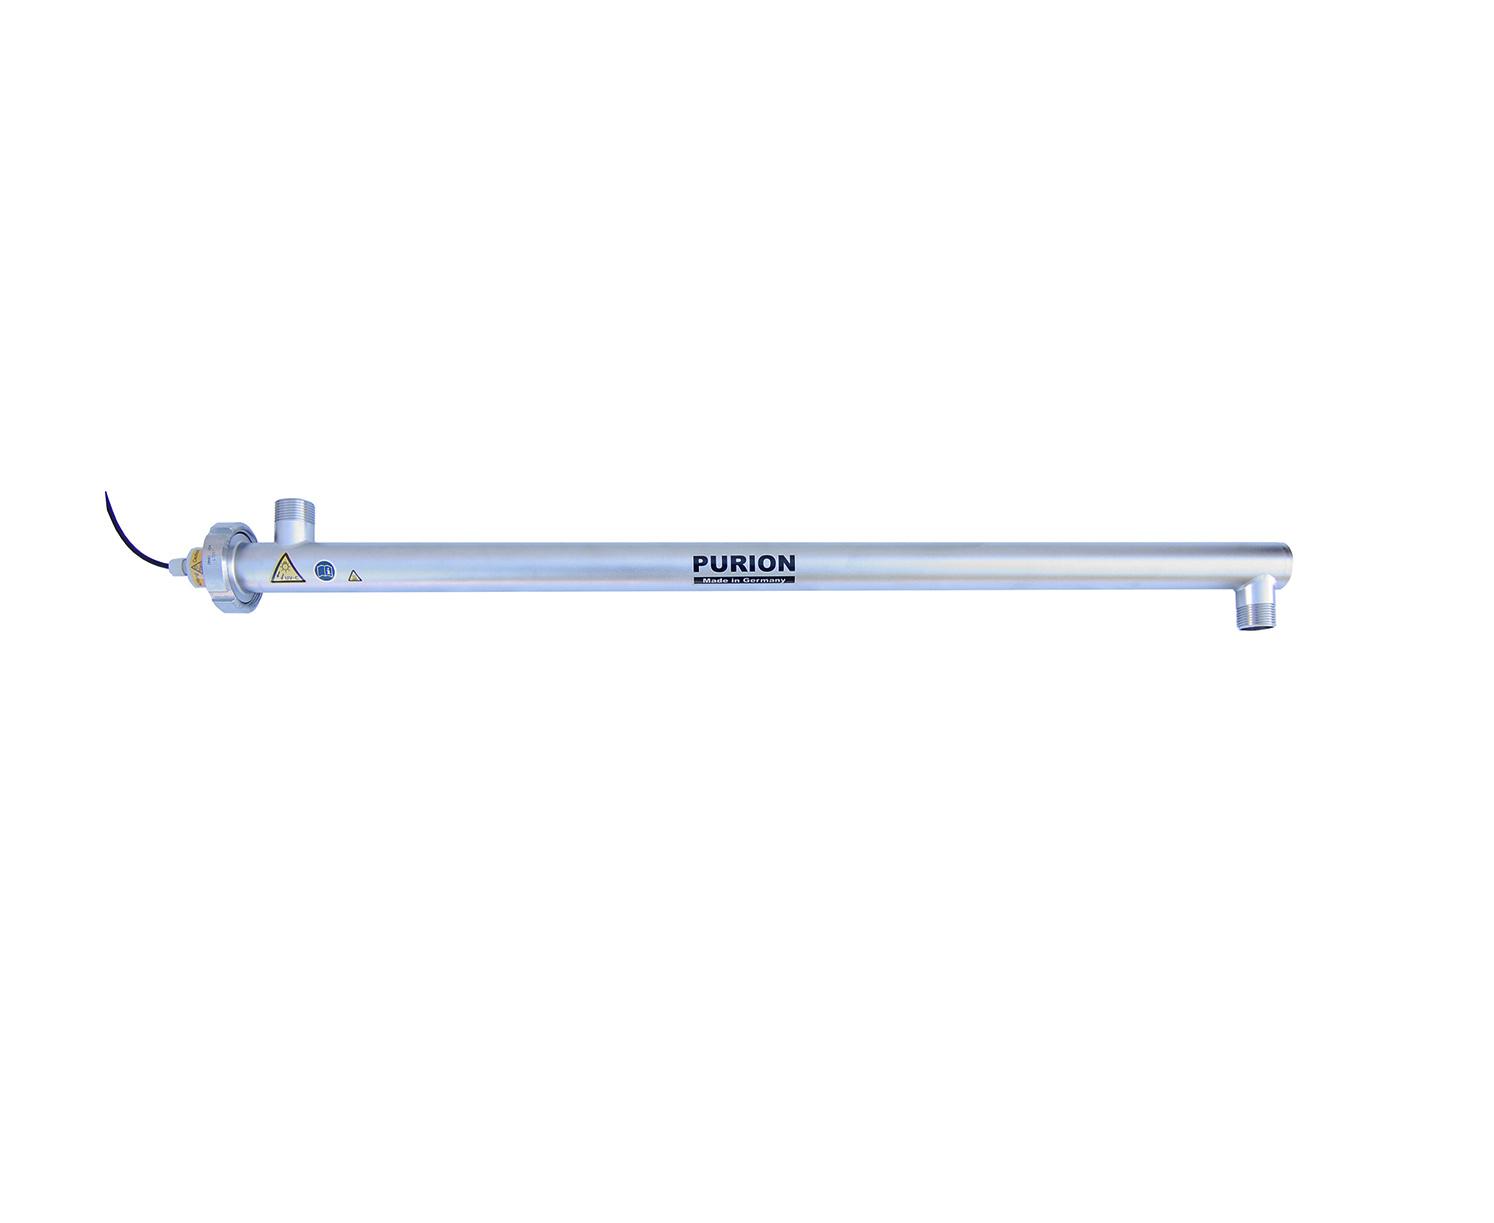 Purion Hochleistungs- UV-Gerät zur Wasserentkeimung